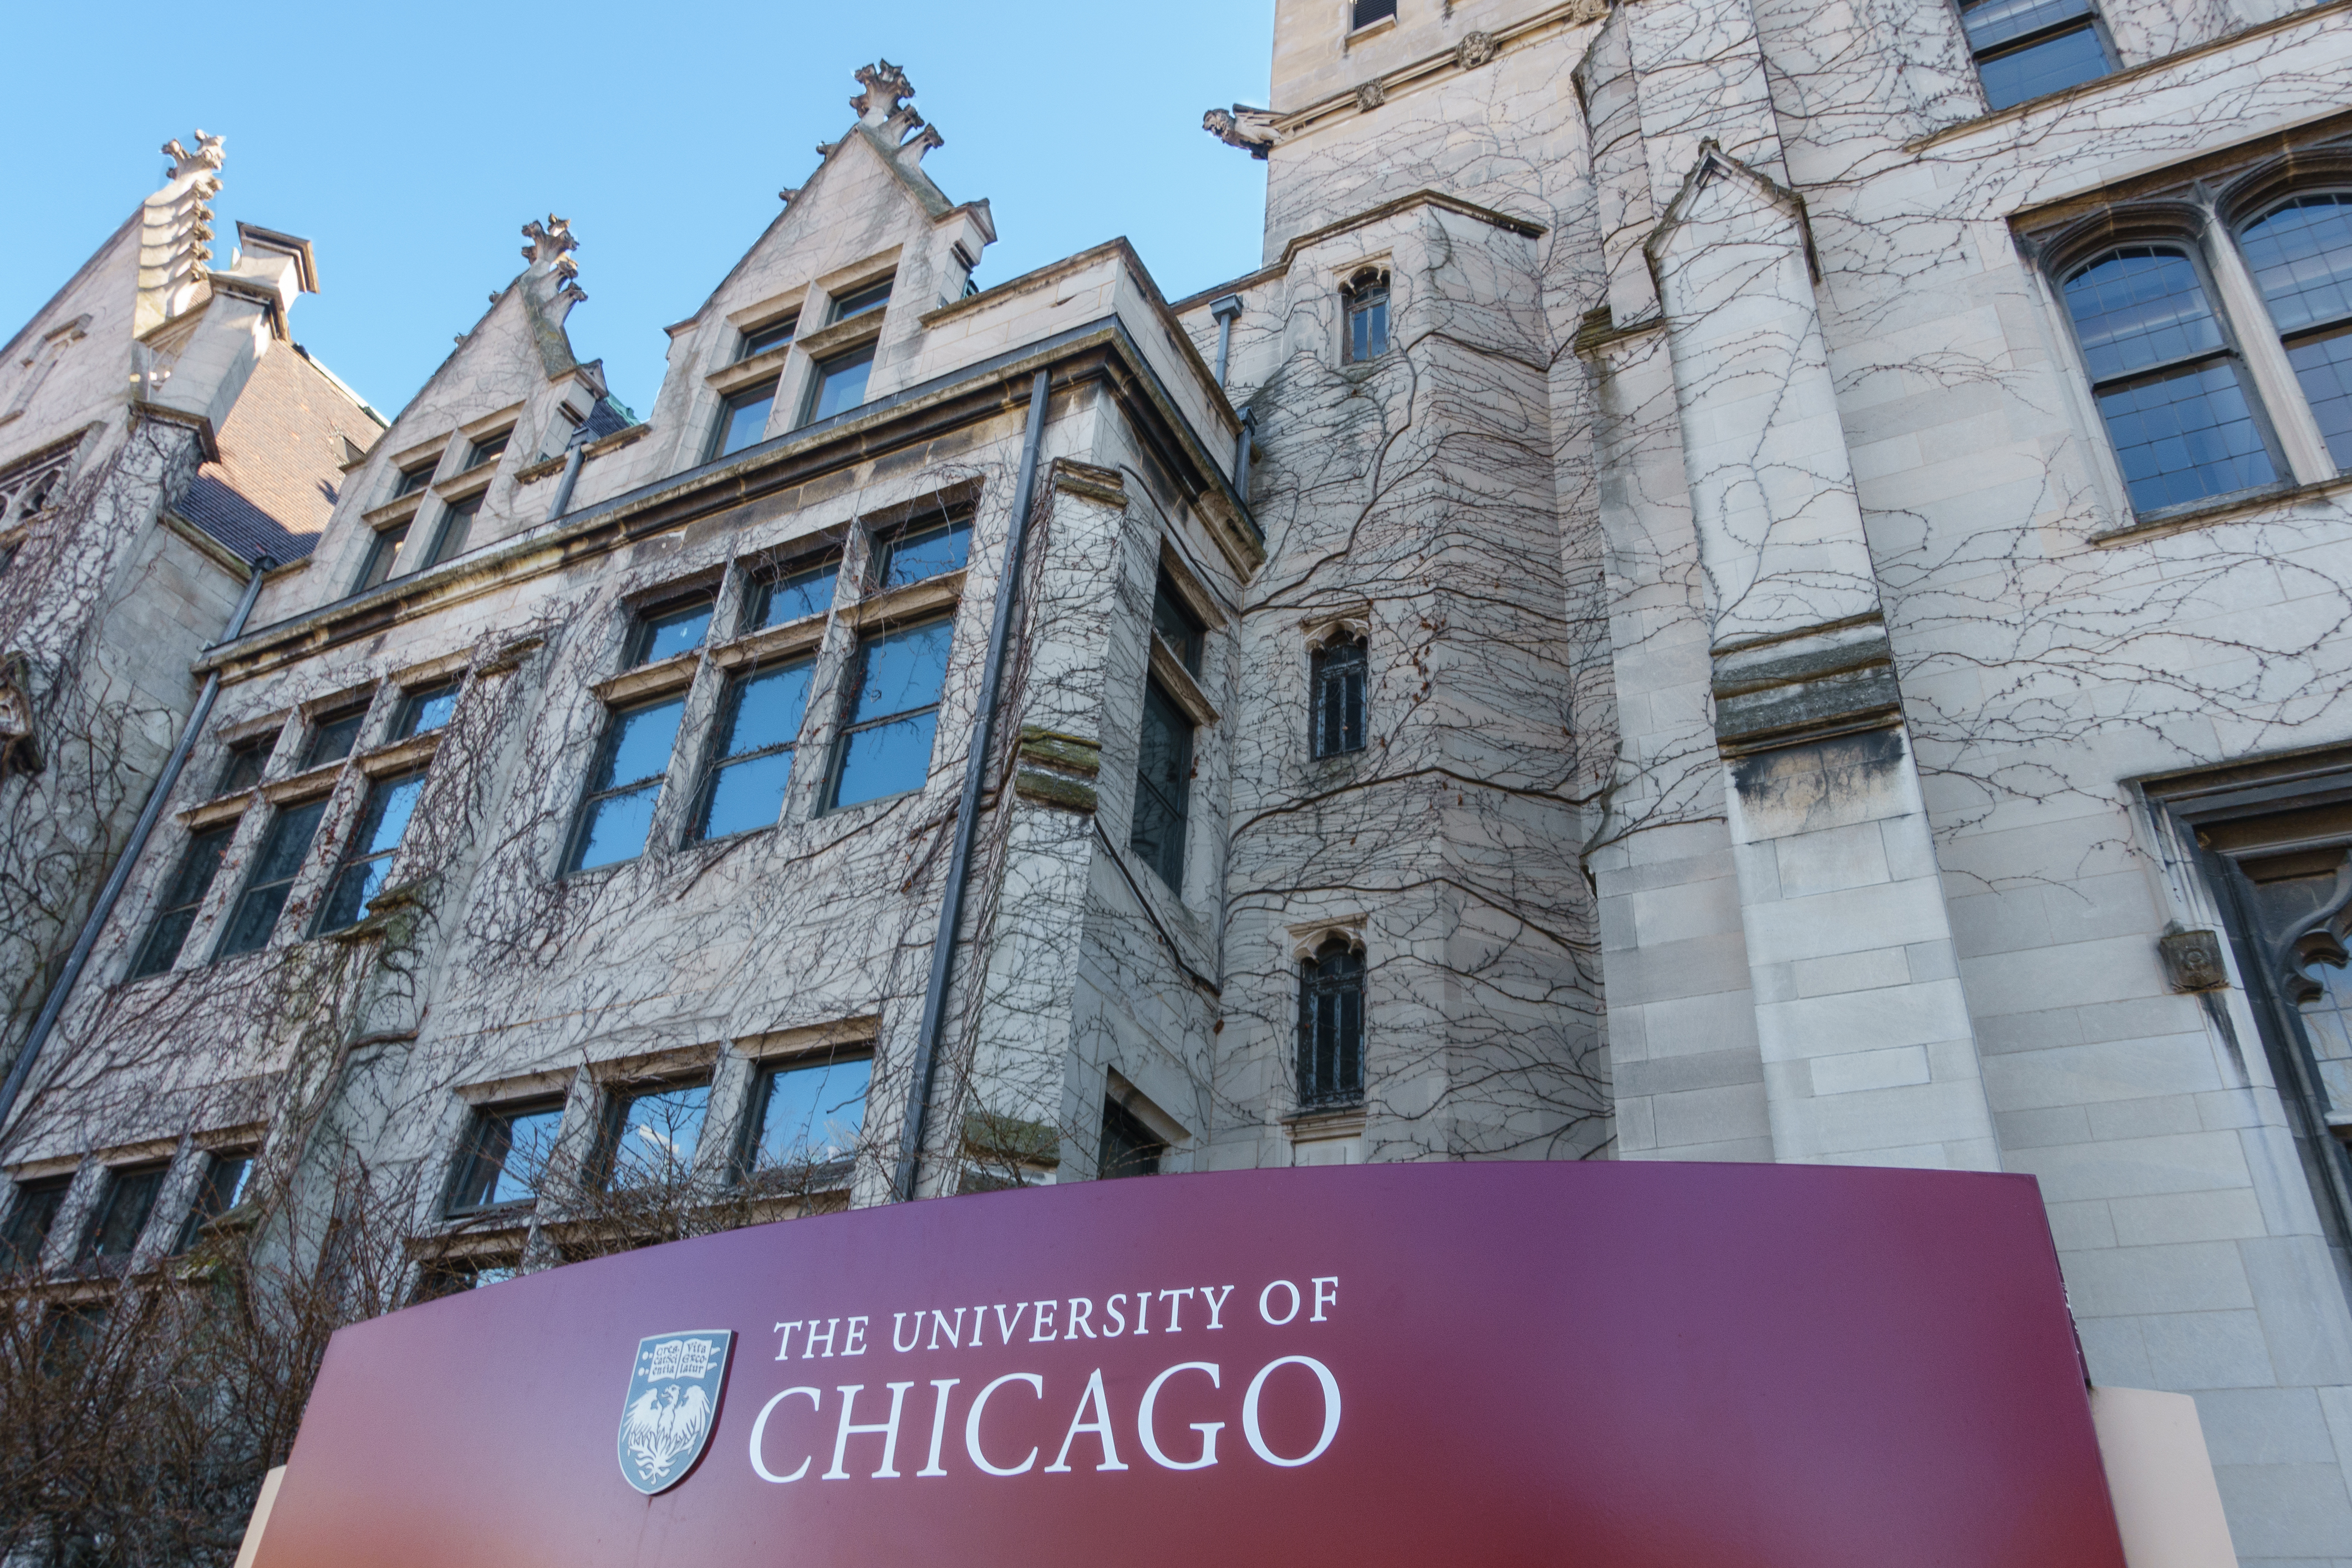 جامعة شيكاغو الأميركية